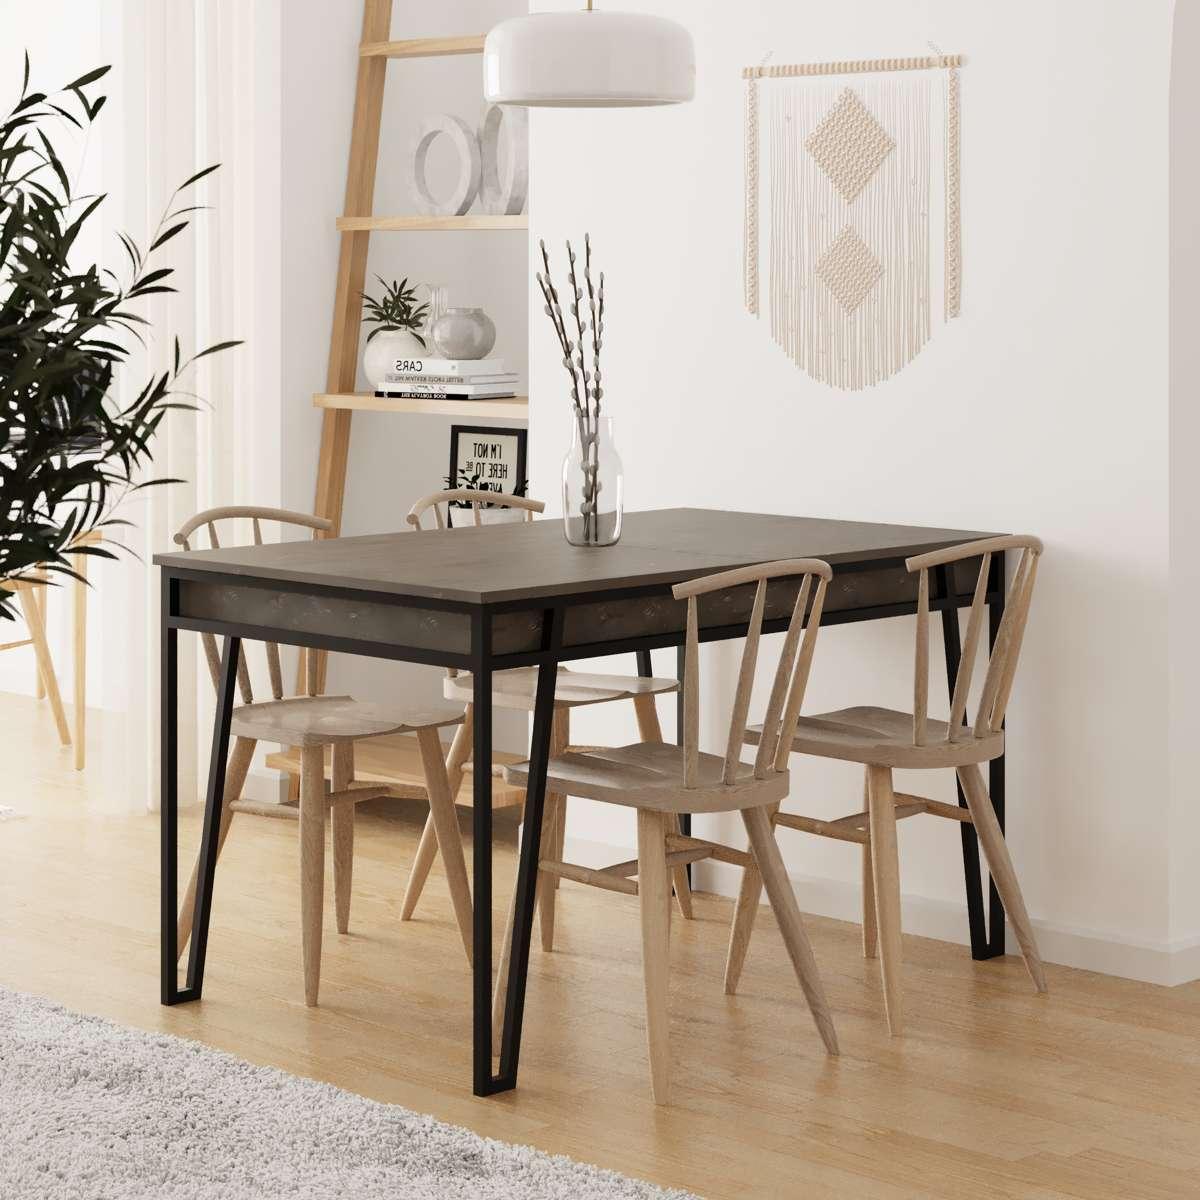 שולחן אוכל דגם Pal Dining Table קפה מסדרת Decoline